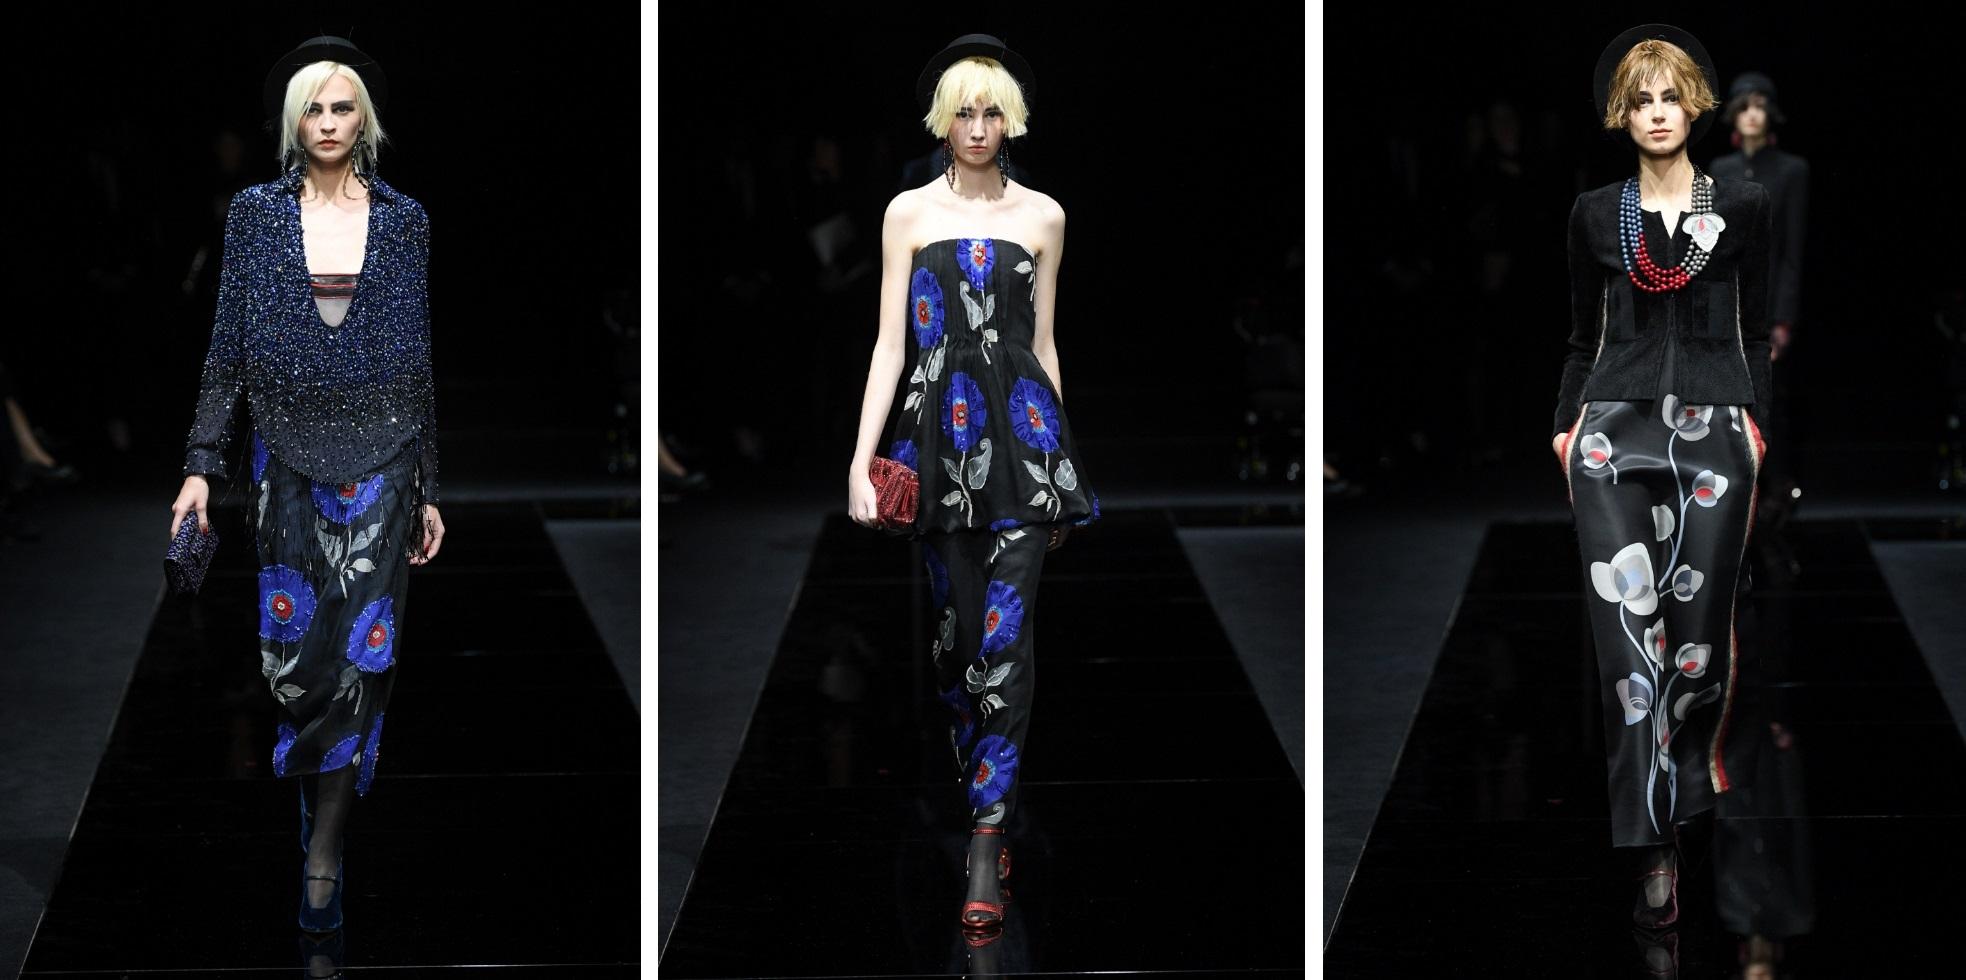 مجموعة أزياء جورجيو أرماني الراقية بنقشات الورود